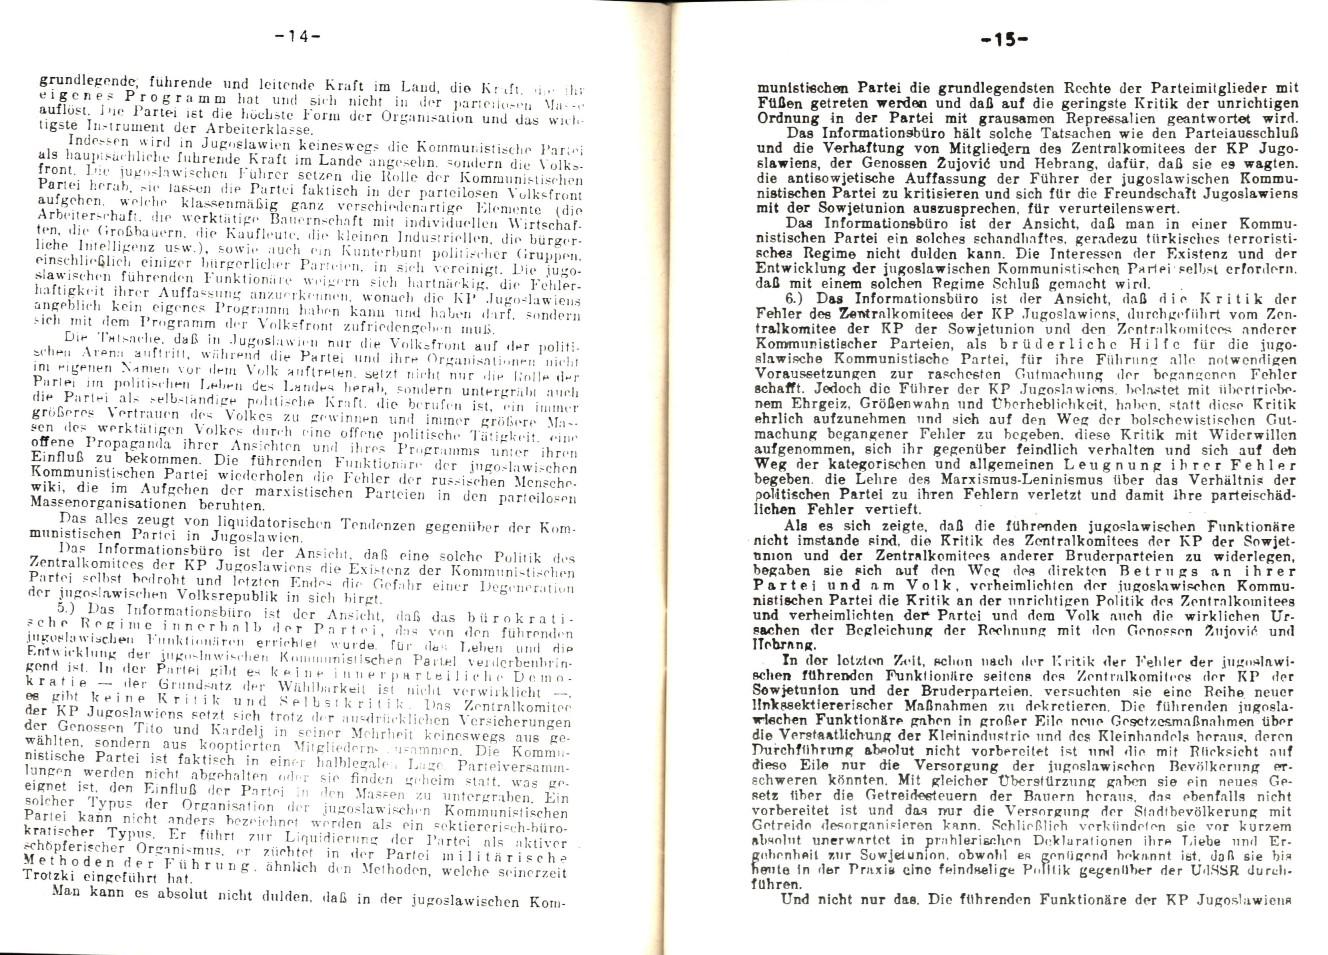 MLSK_Theorie_und_Praxis_des_ML_1979_24_09